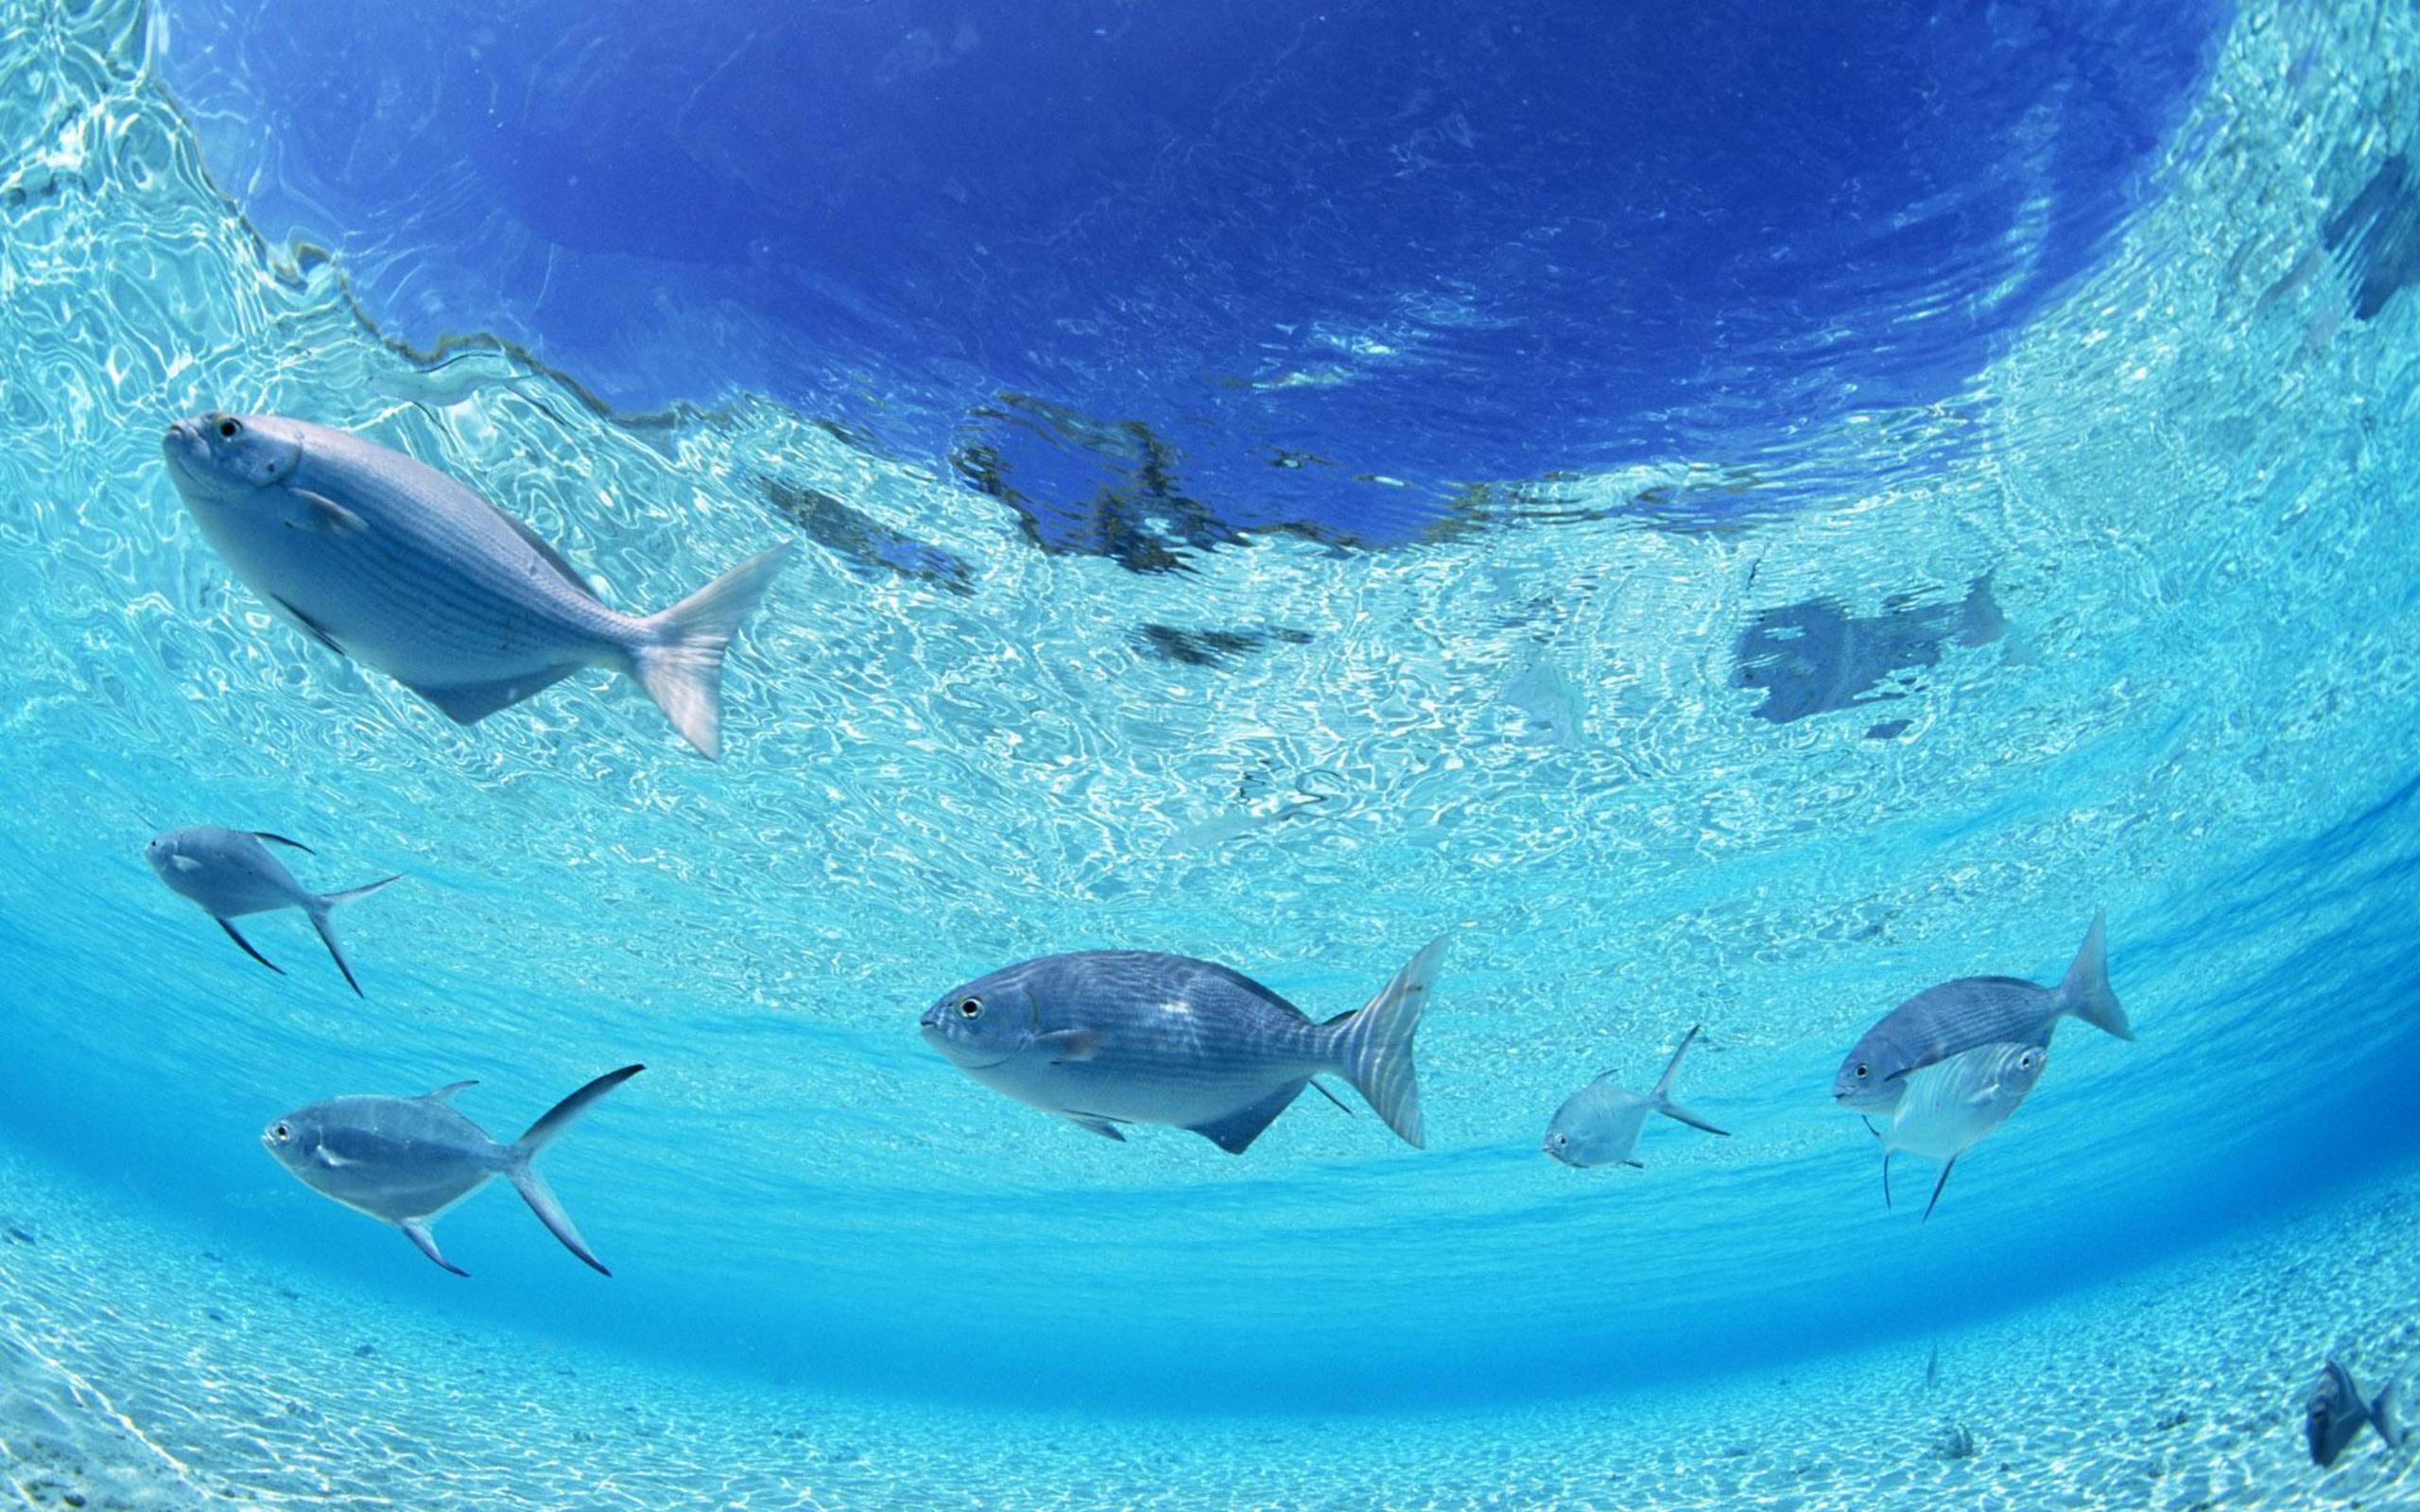 Beautiful sea fish wallpaper